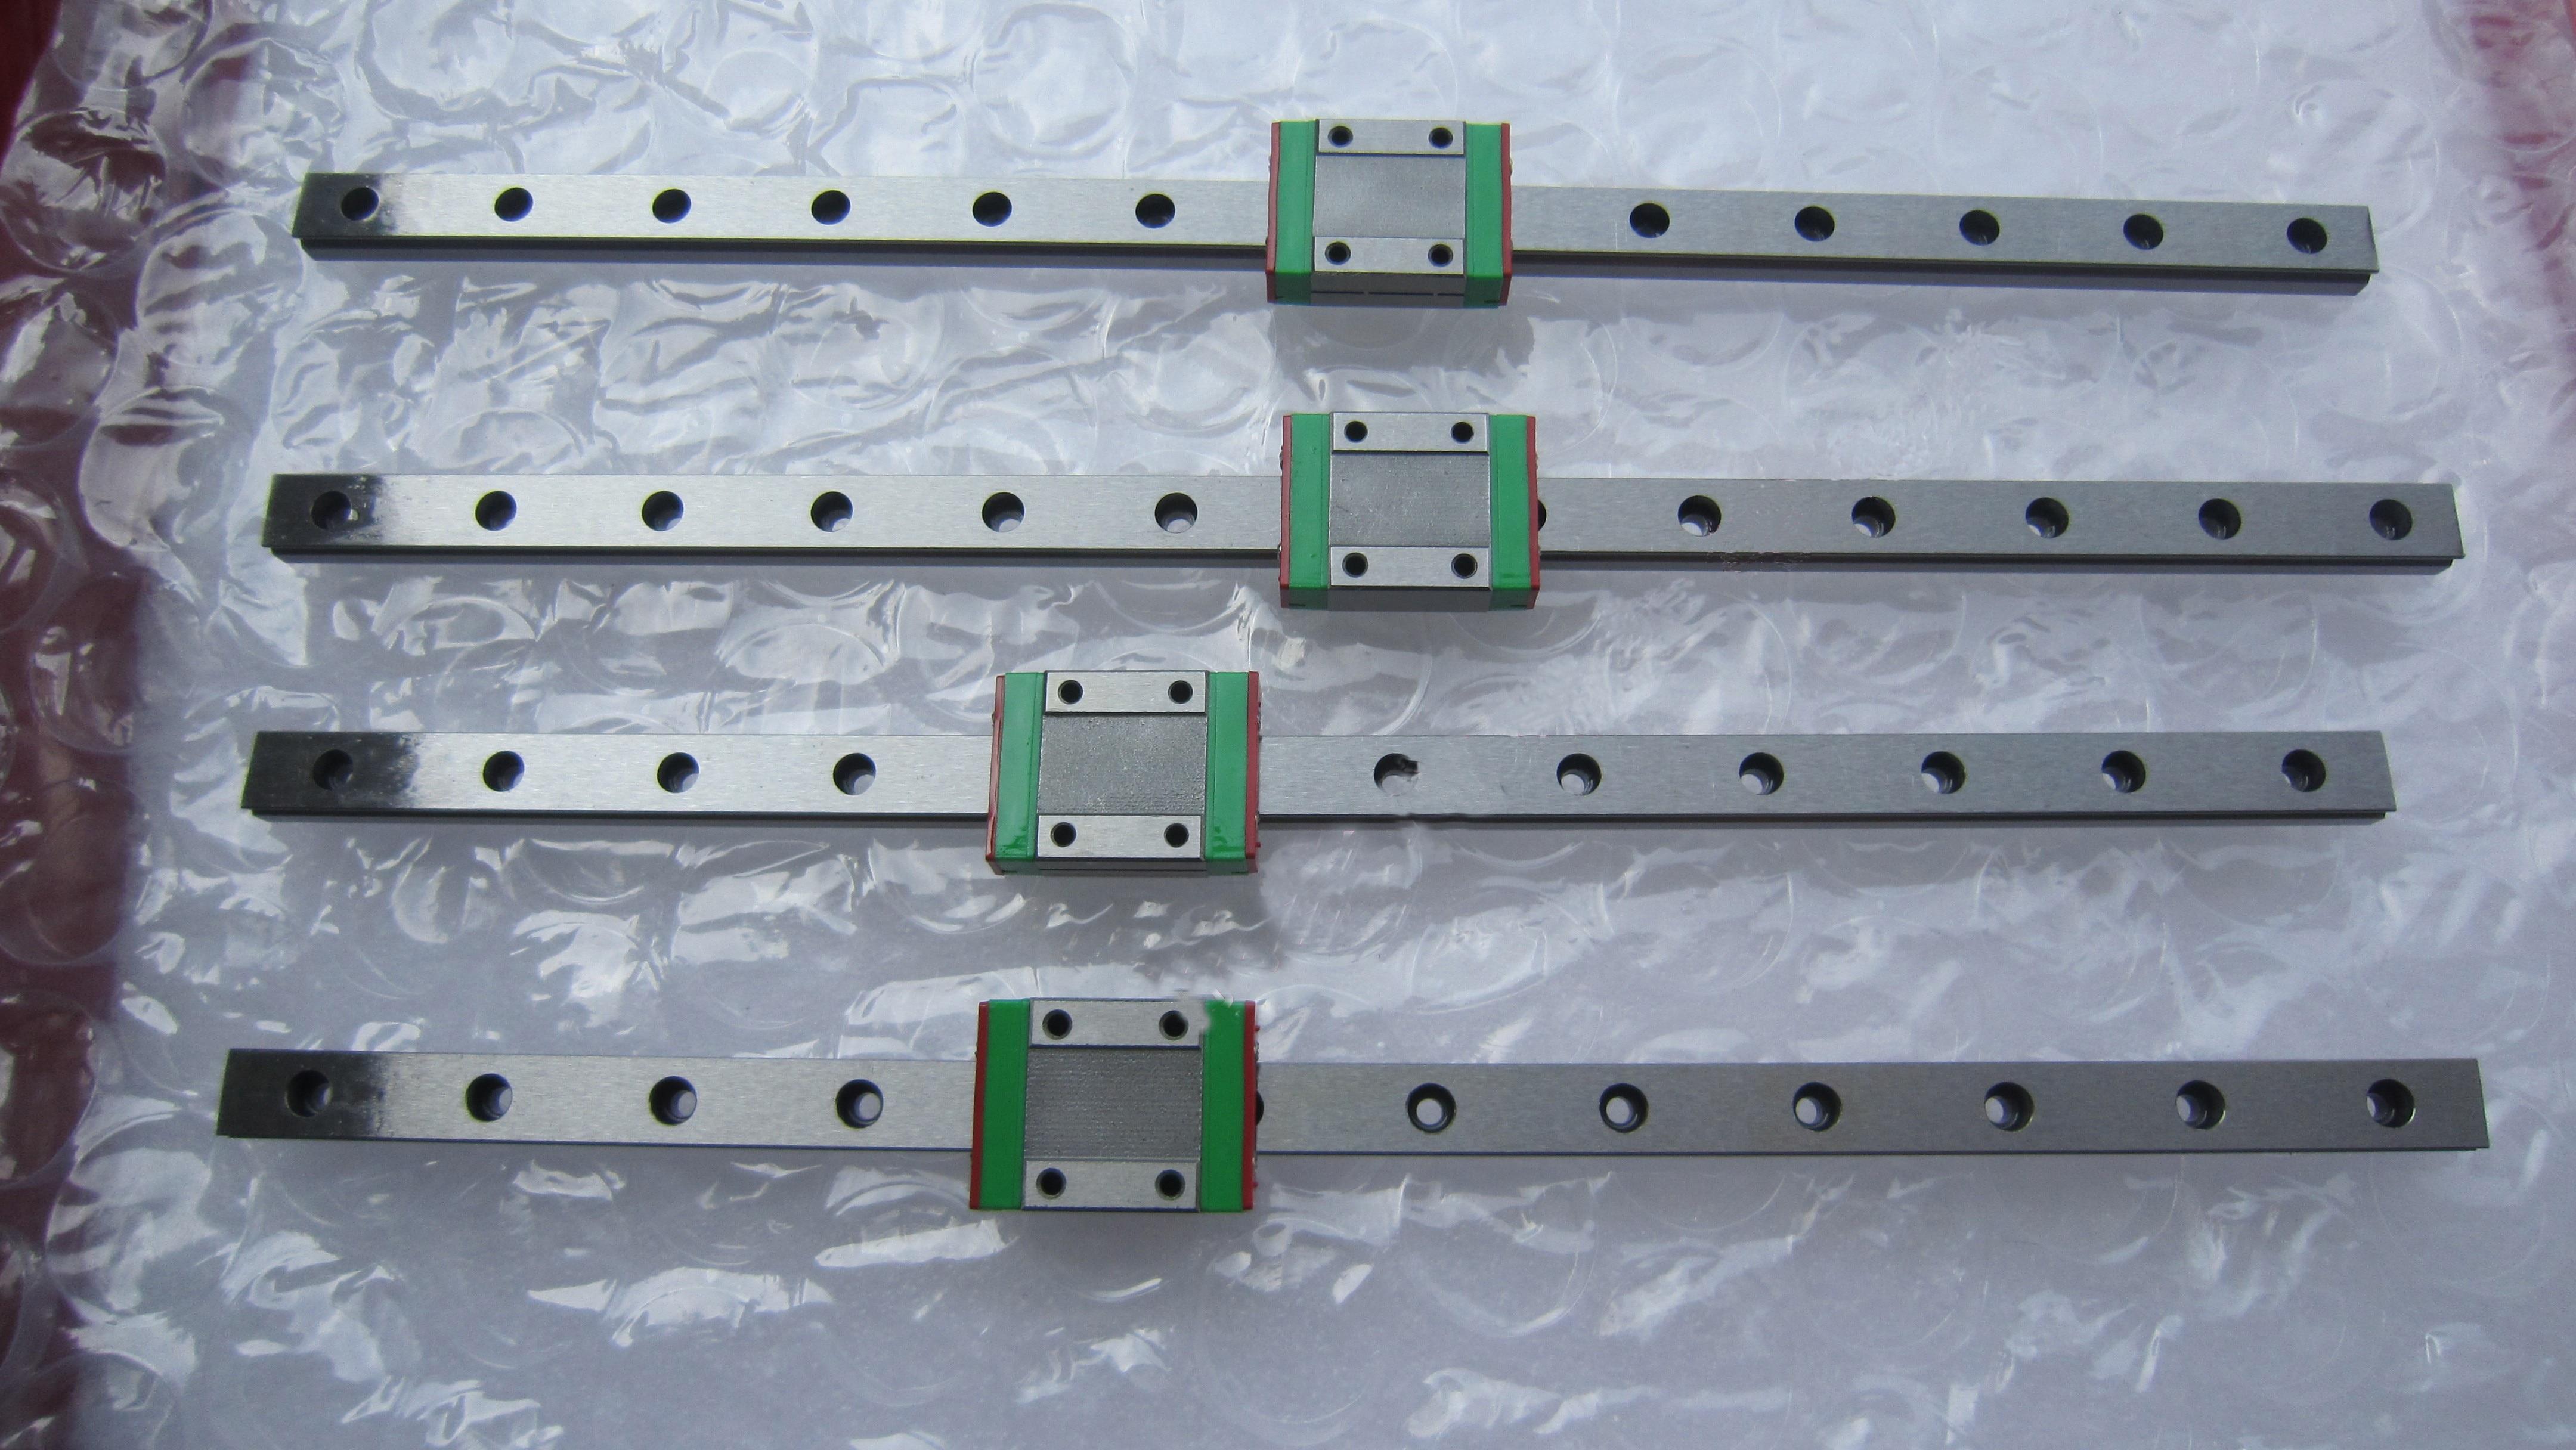 Hiwin HGR25 lineal + controlador + aire fresco cuadrado 3.5kw er25 husillo + inversor + cadena de cable + circuito cerrado paso a paso motor kit cnc partes